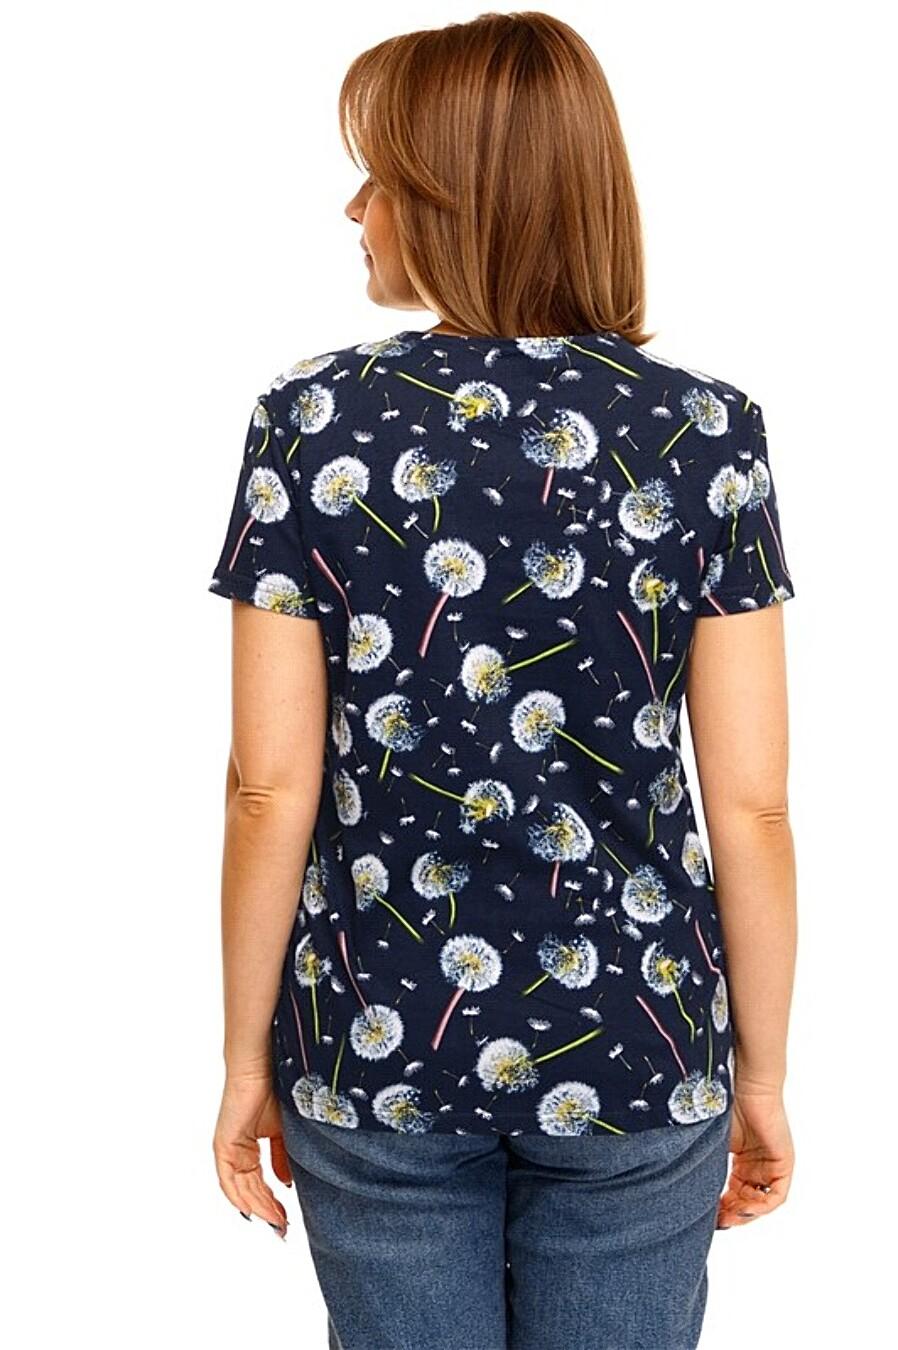 Футболка для женщин Archi 348435 купить оптом от производителя. Совместная покупка женской одежды в OptMoyo